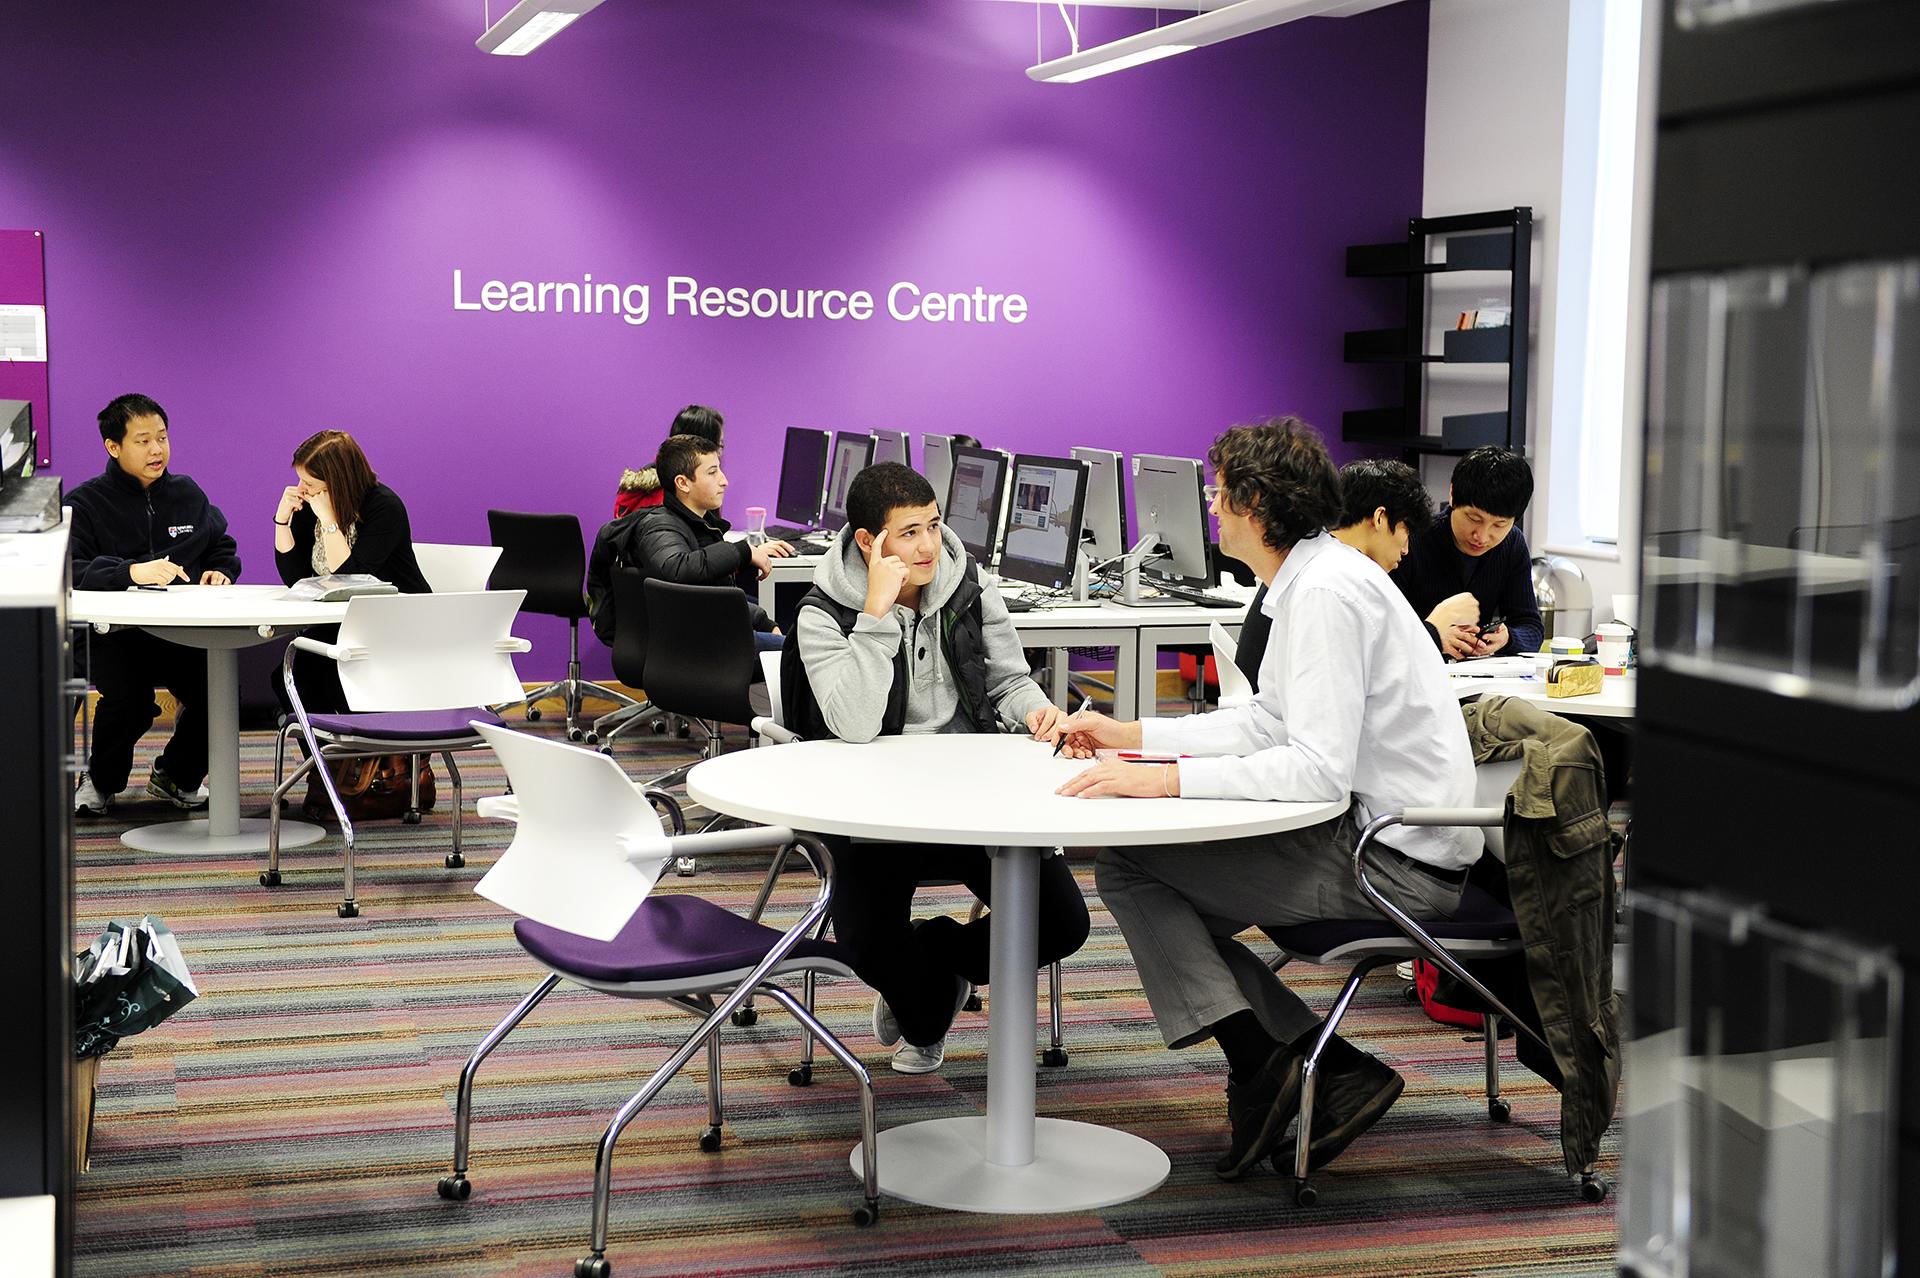 INTO中心内的学习资源中心